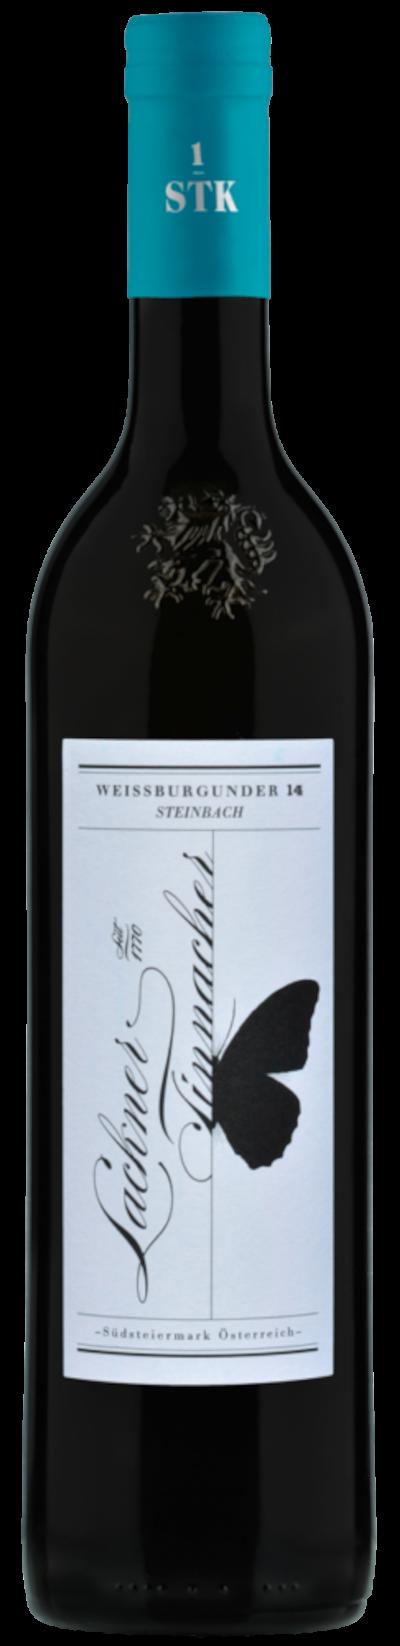 LacknerTinnacher - Weissburgunder Ried Steinbach bio